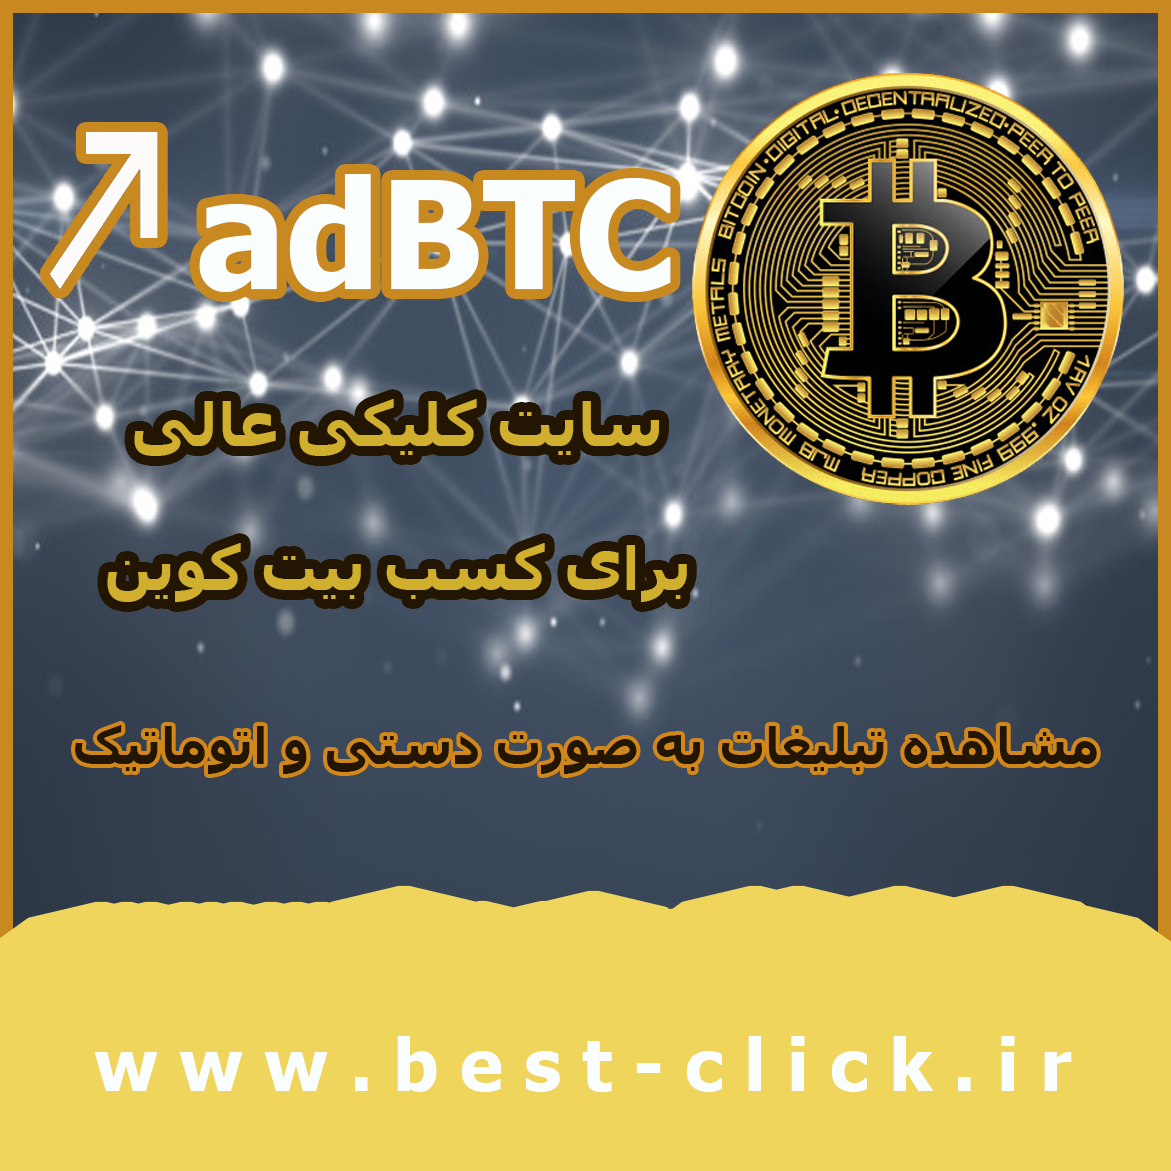 دریافت بیت کوین رایگان از سایت Adbtc